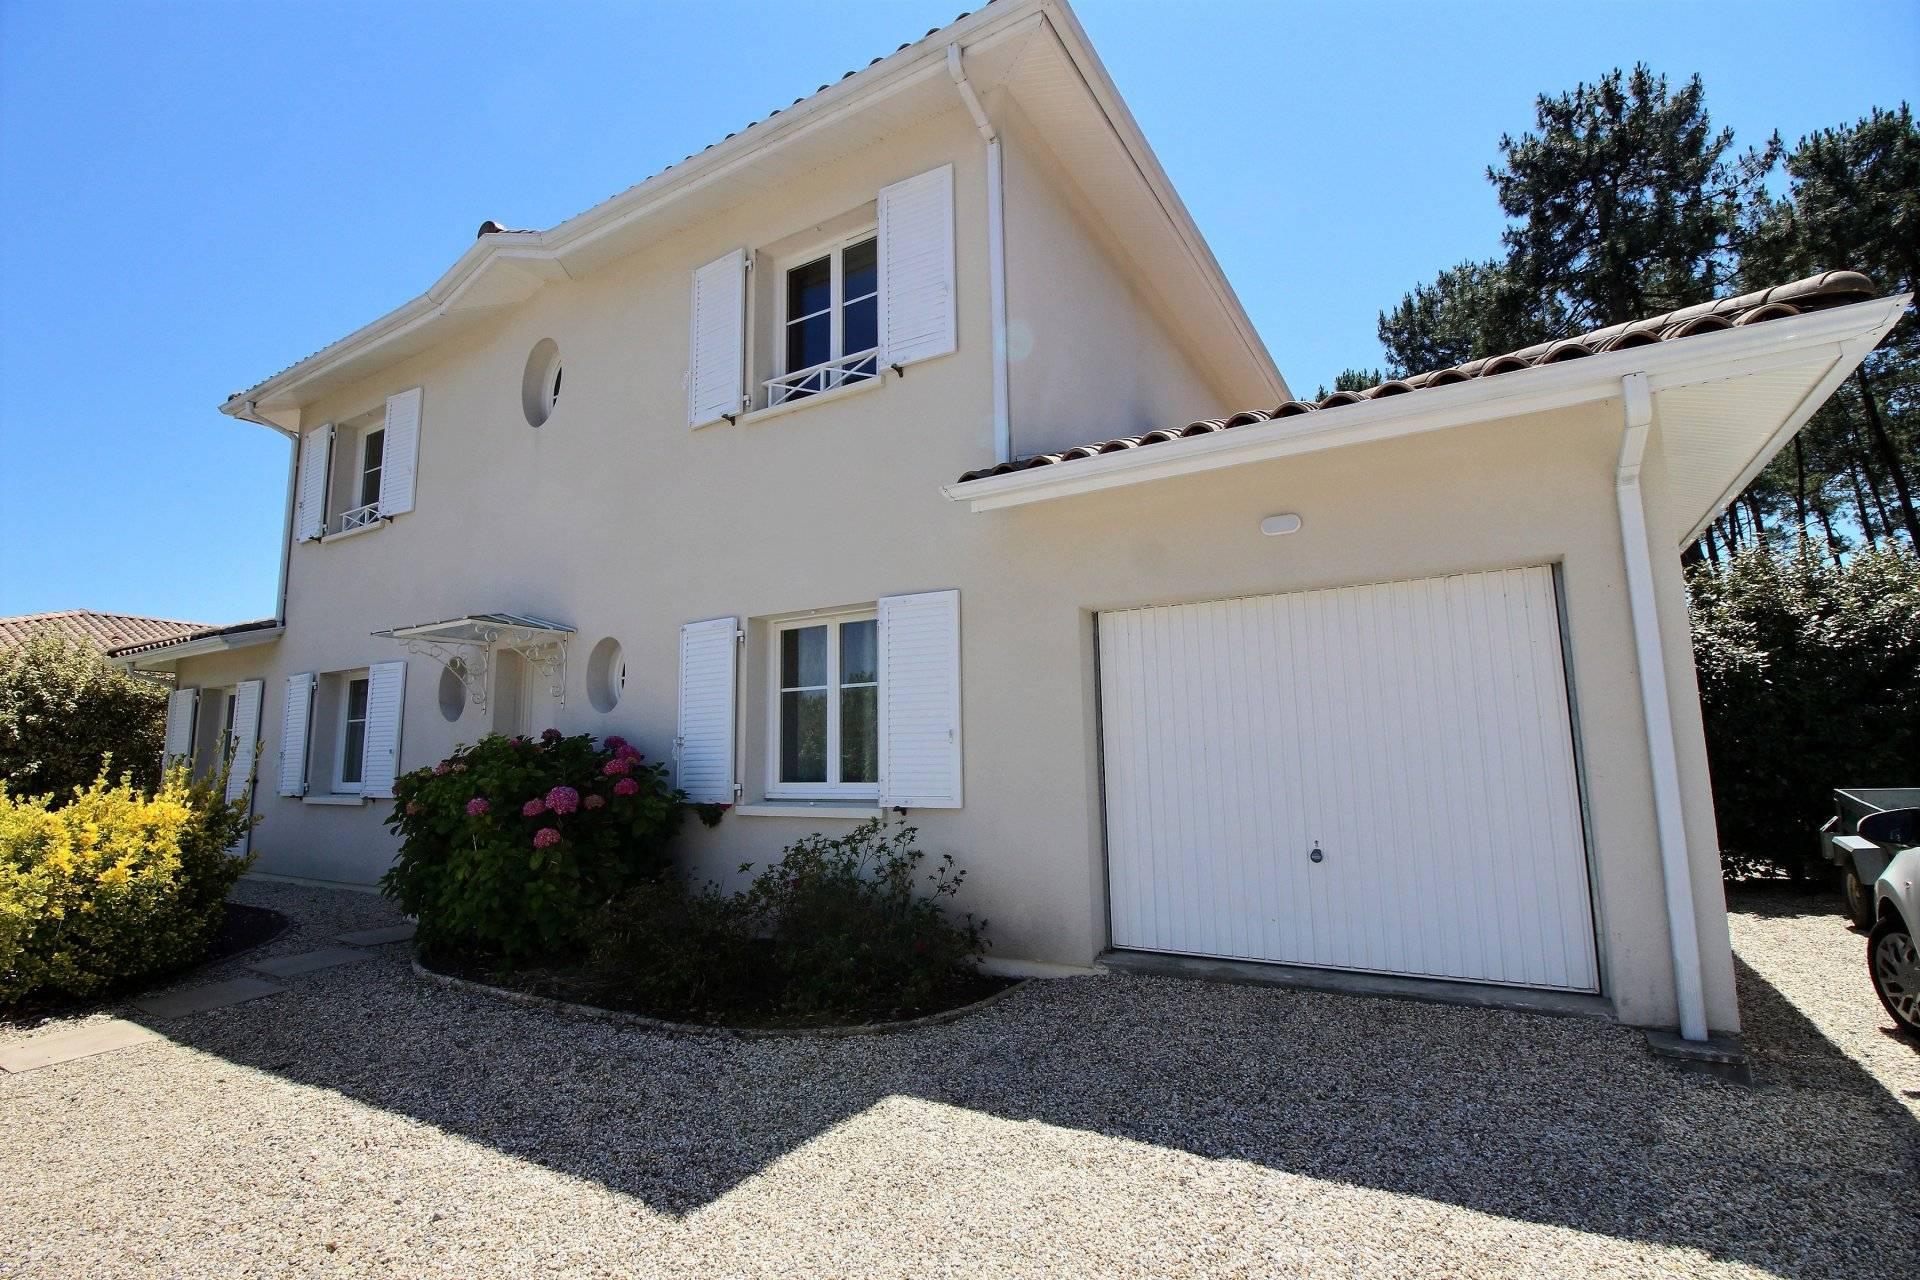 Maison familiale de charme 5 chambres à vendre à Gujan-Mestras - Coldwell Banker